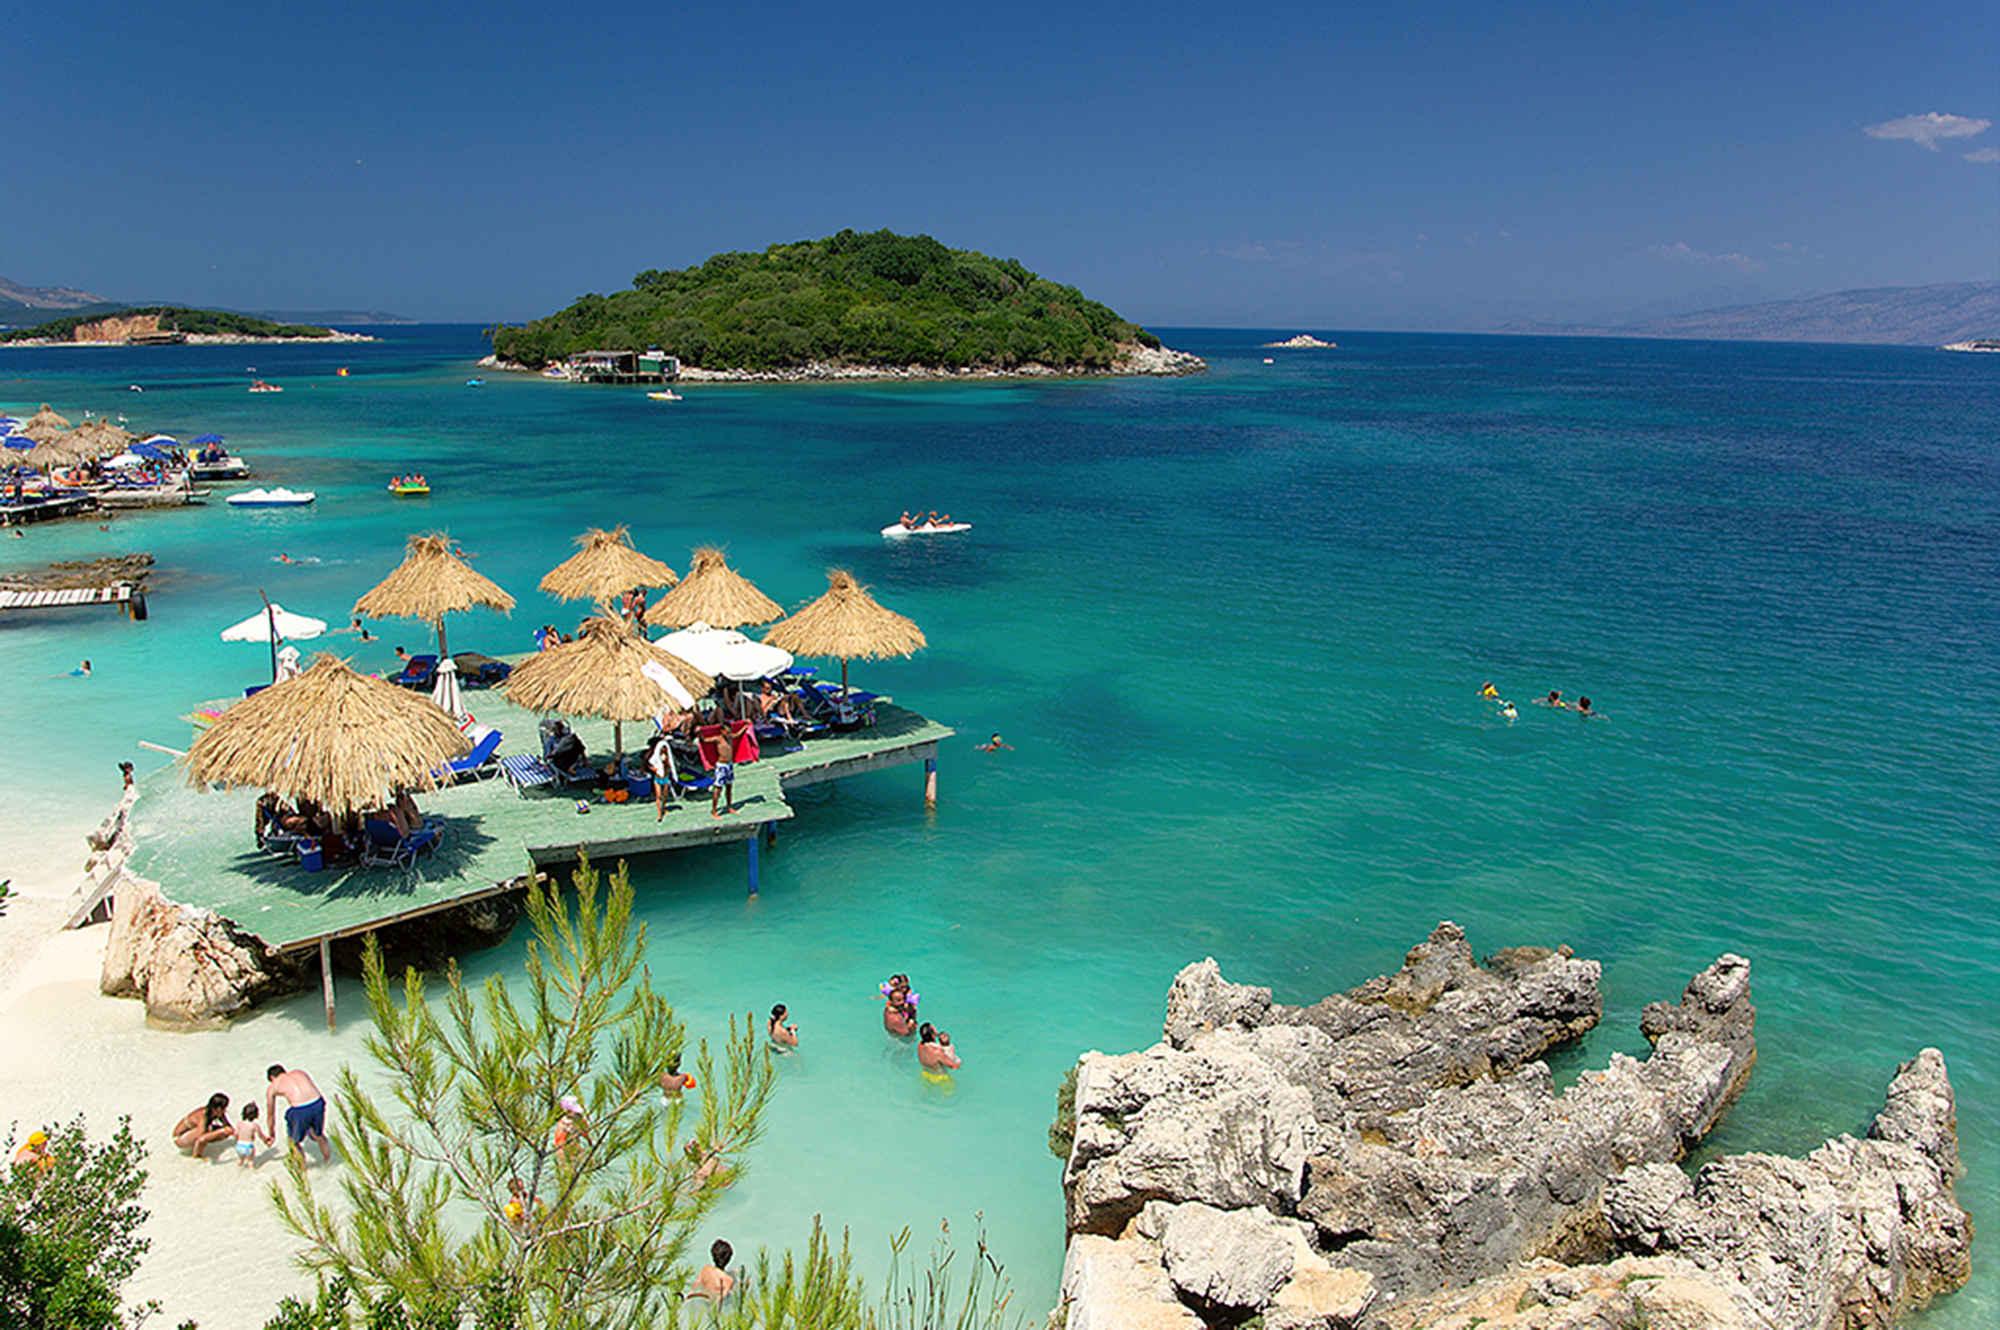 10-ksamil-beach-albania